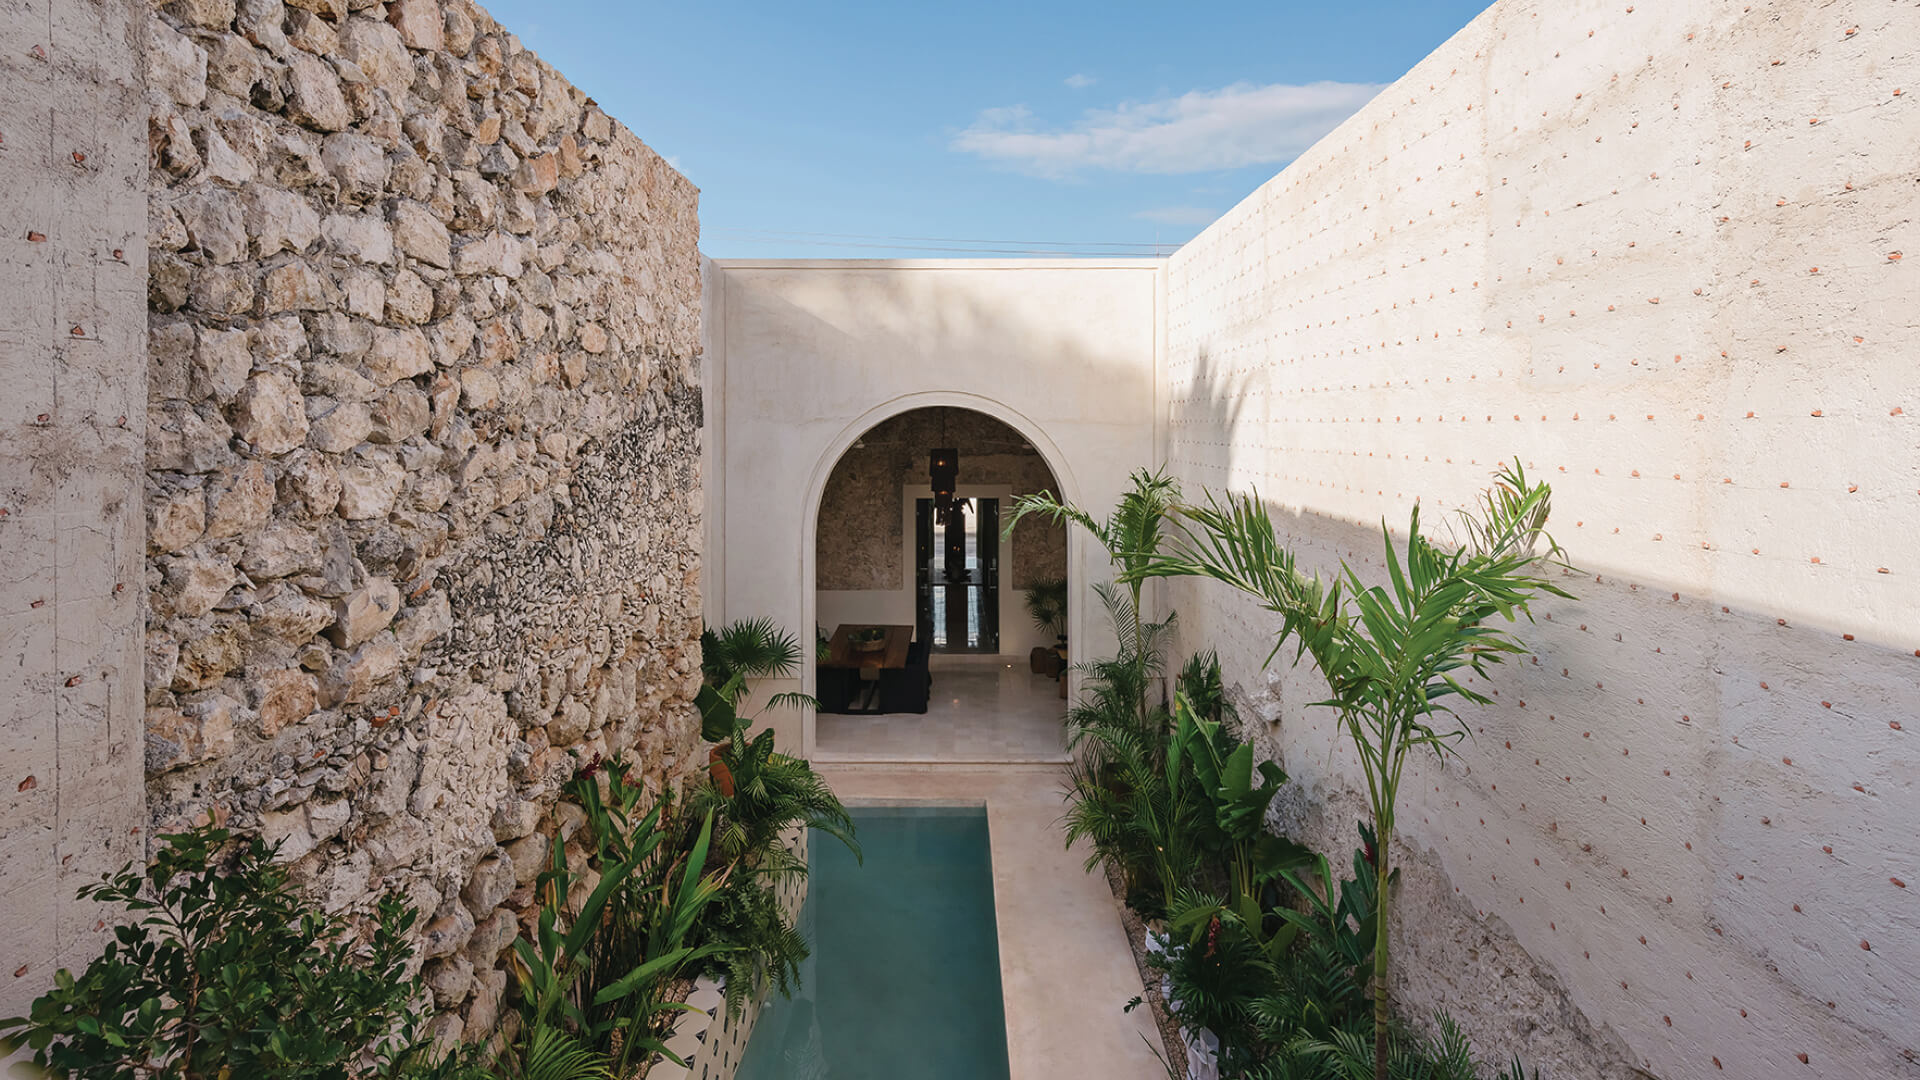 Casa Canela in Yucatán, Mexico, designed by Workshop: Design + Construction | Casa Canela by Workshop: Design + Construction | STIRworld